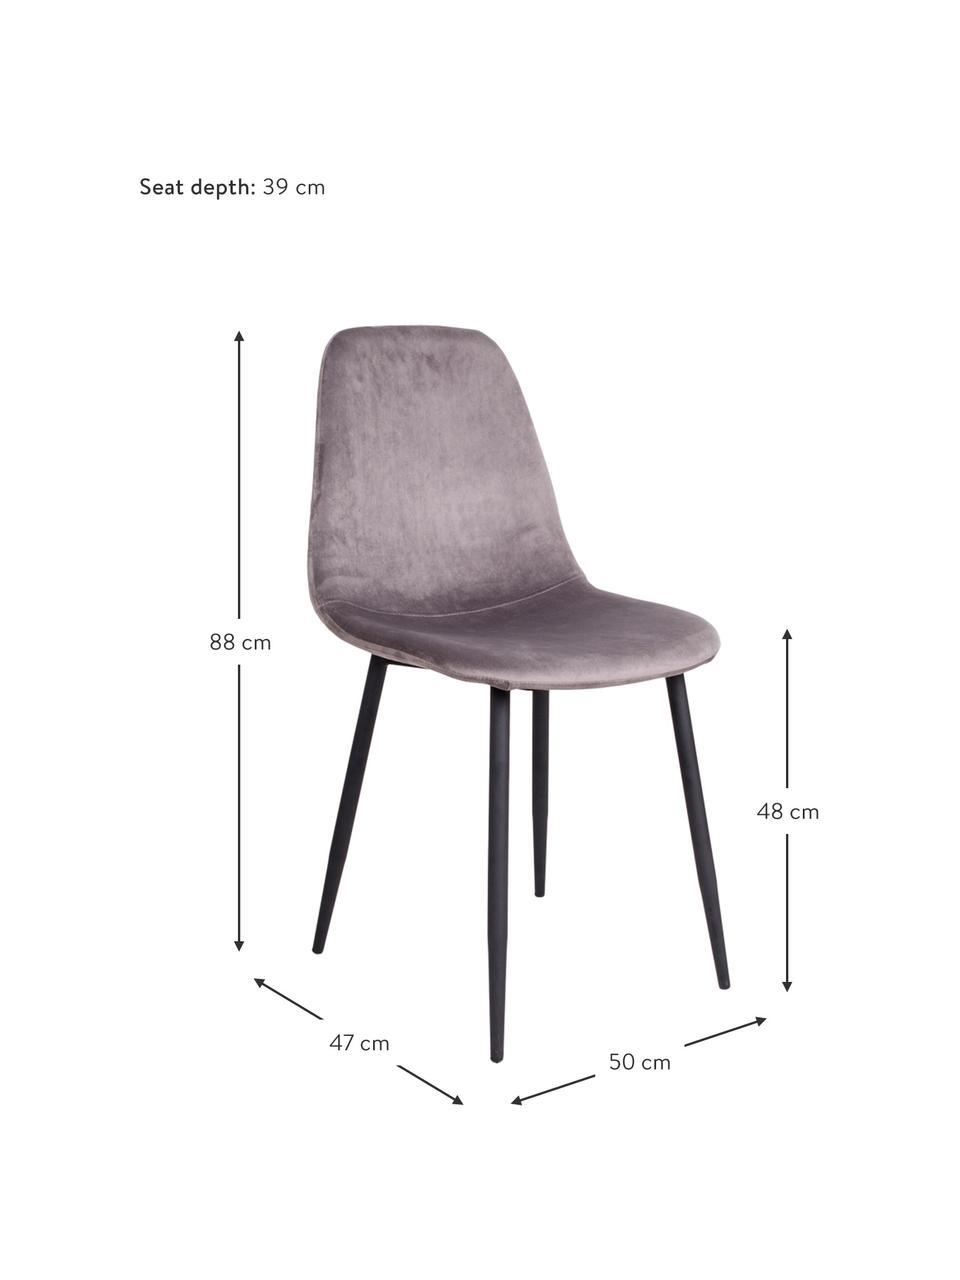 Krzesło tapicerowane z aksamitu Stockholm, Tapicerka: aksamit Dzięki tkaninie w, Nogi: metal lakierowany, Szary, S 50 x G 47 cm